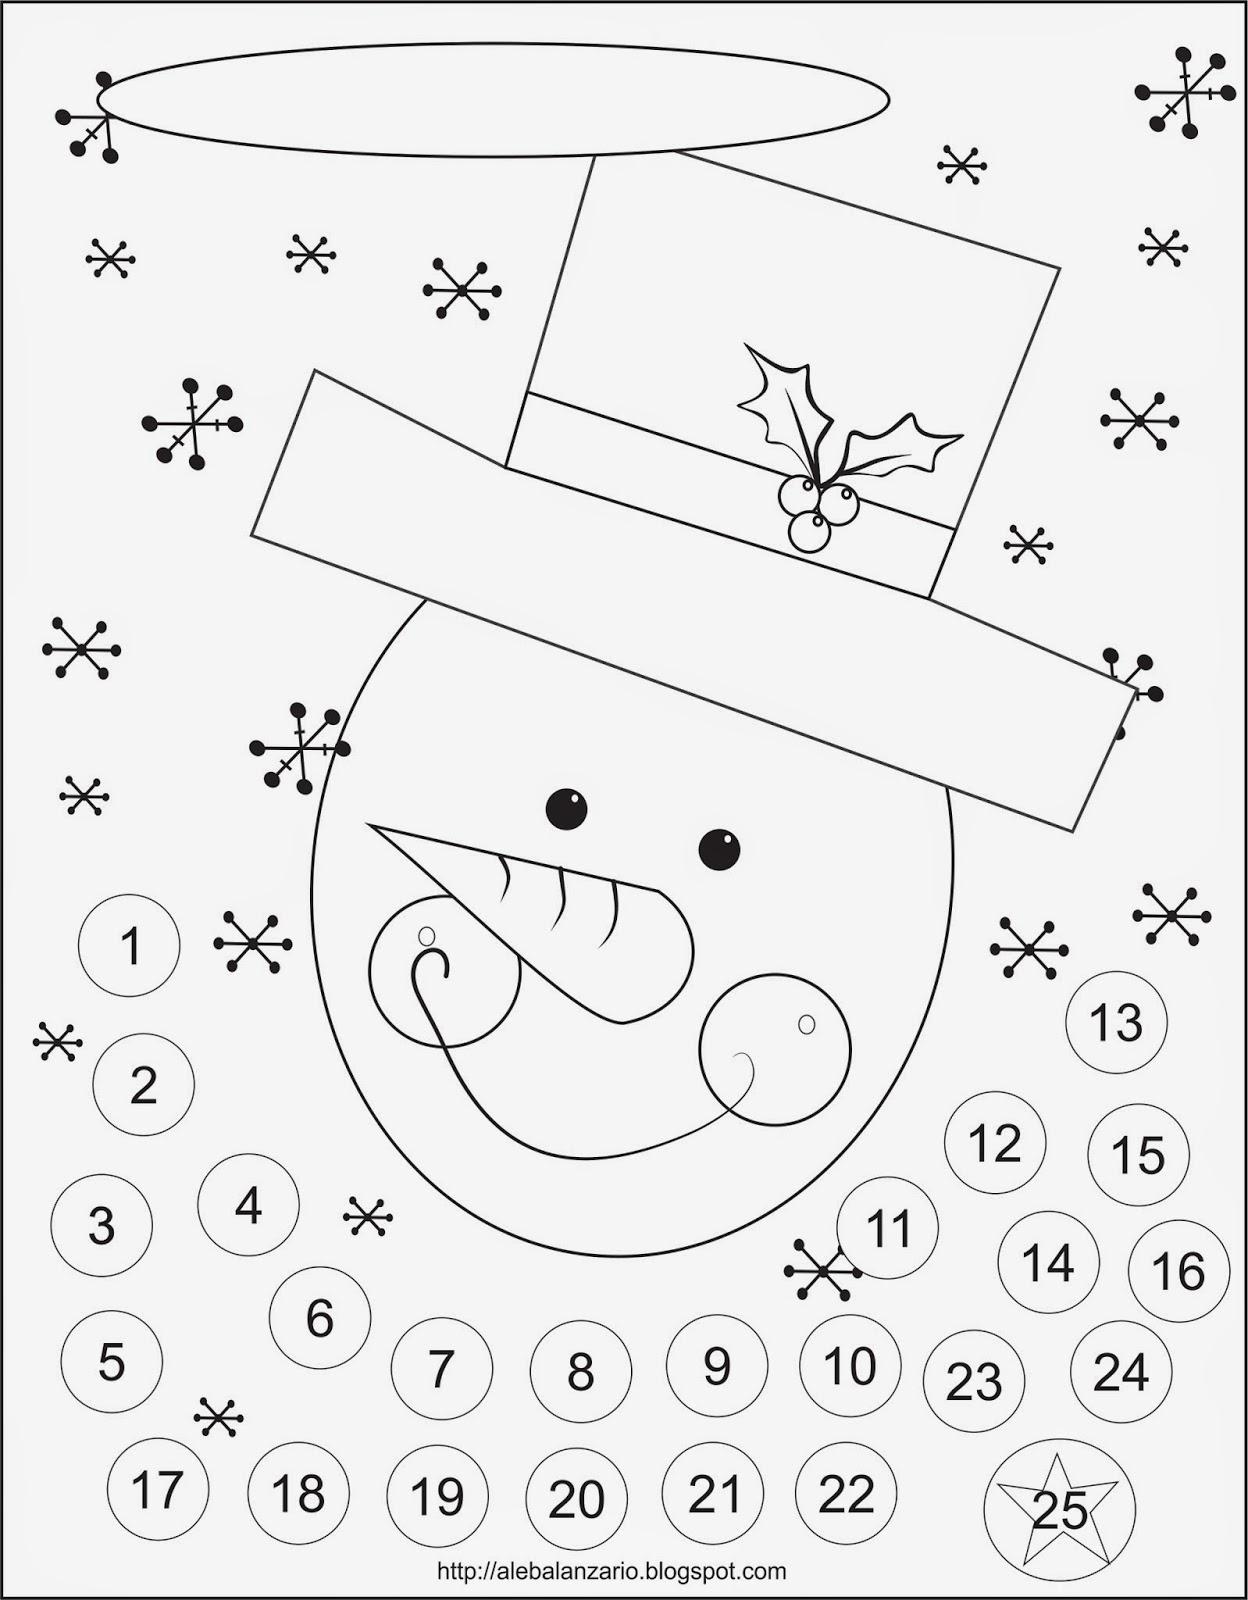 Ale Balanzario Ilustracion: Advent Calendar, a free Printable